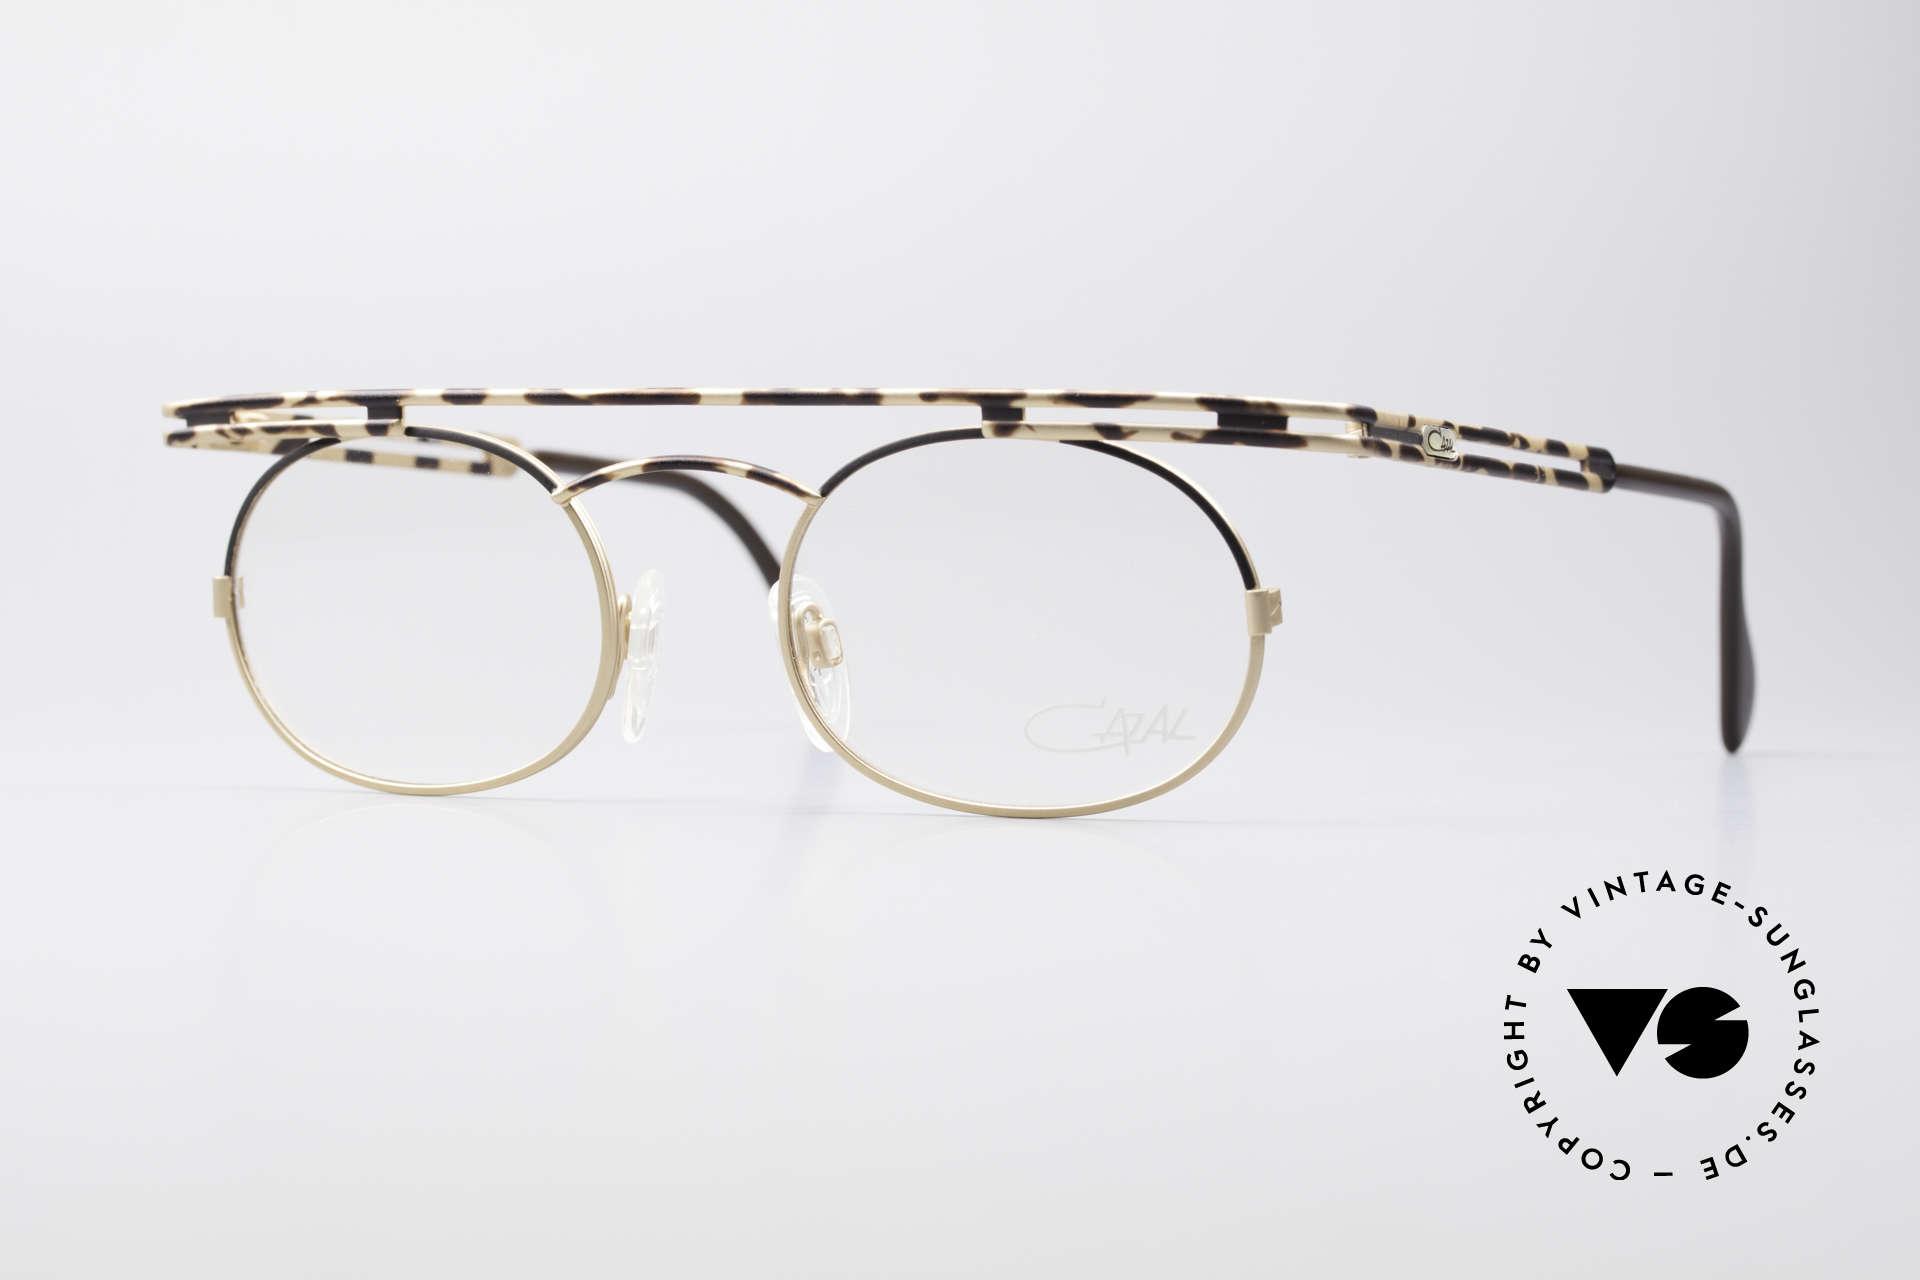 Cazal 761 KEINE Retrobrille Vintage Brille, ausdrucksstarke CAZAL vintage Brille von 1997, Passend für Herren und Damen